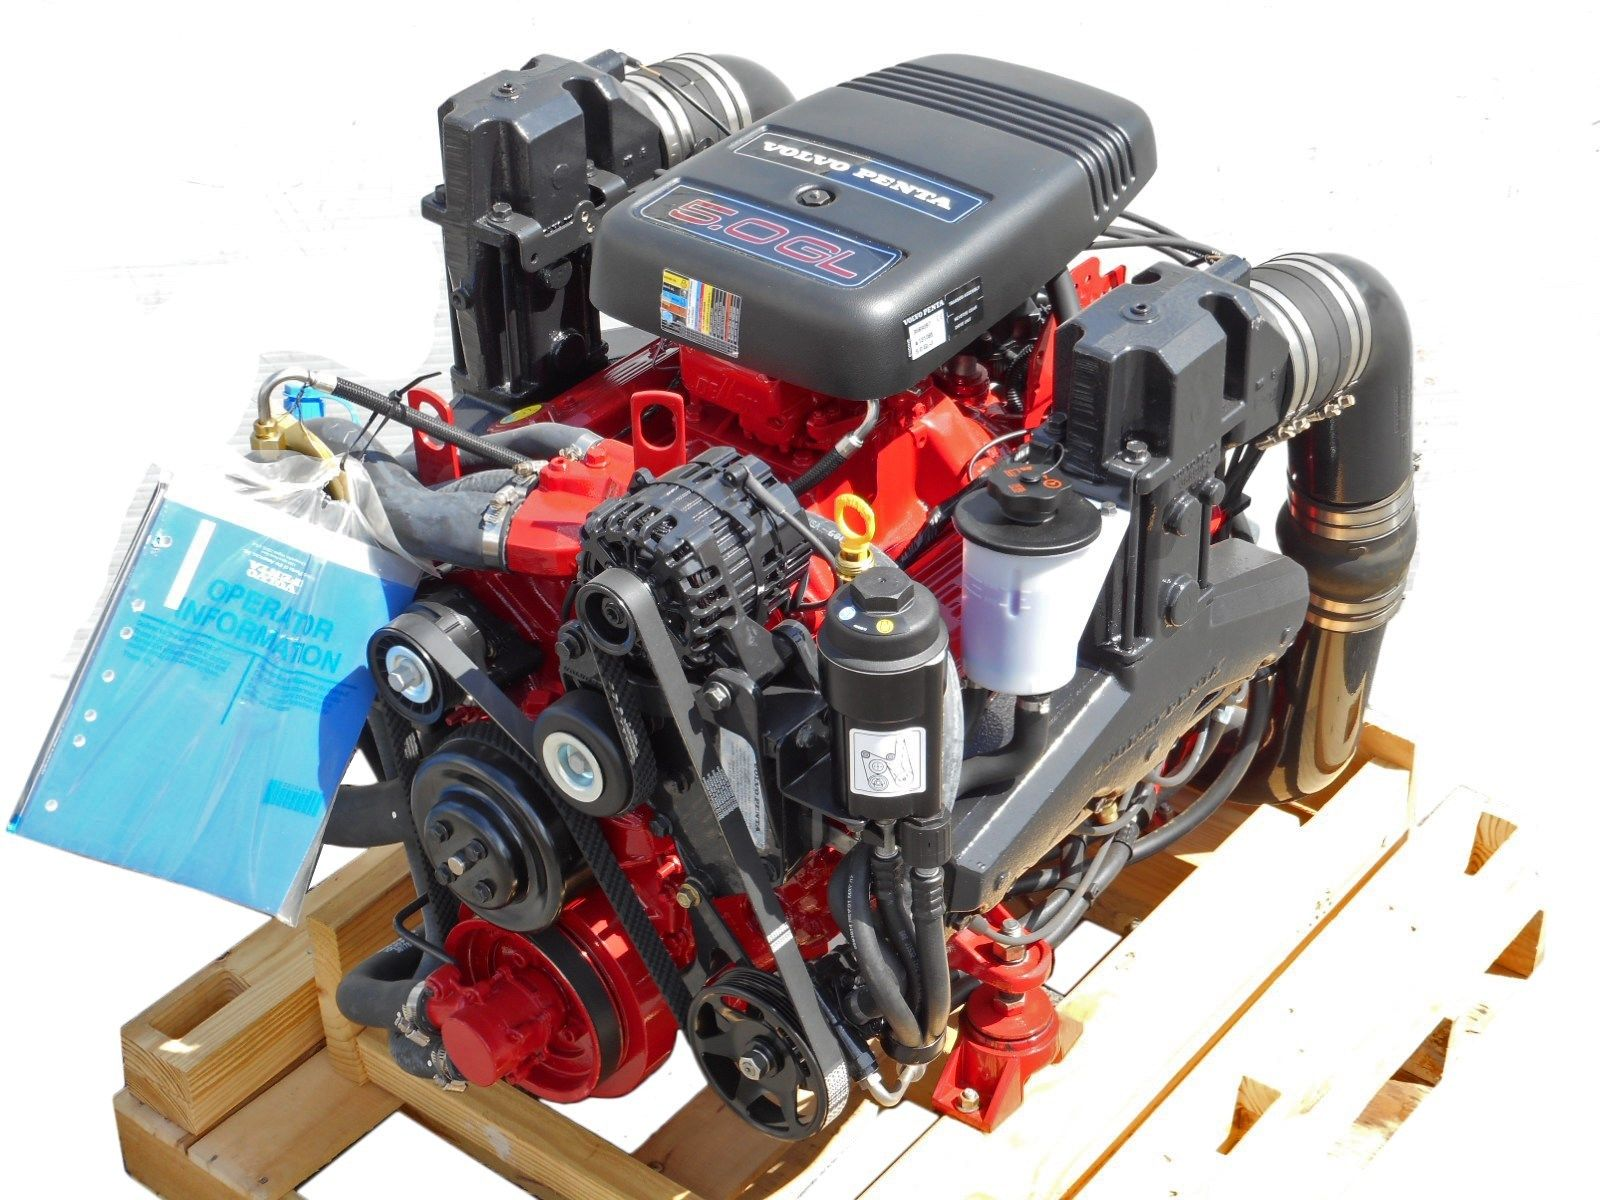 2001 volvo penta 5 0 engine diagram volvo penta 5 0 engine diagram